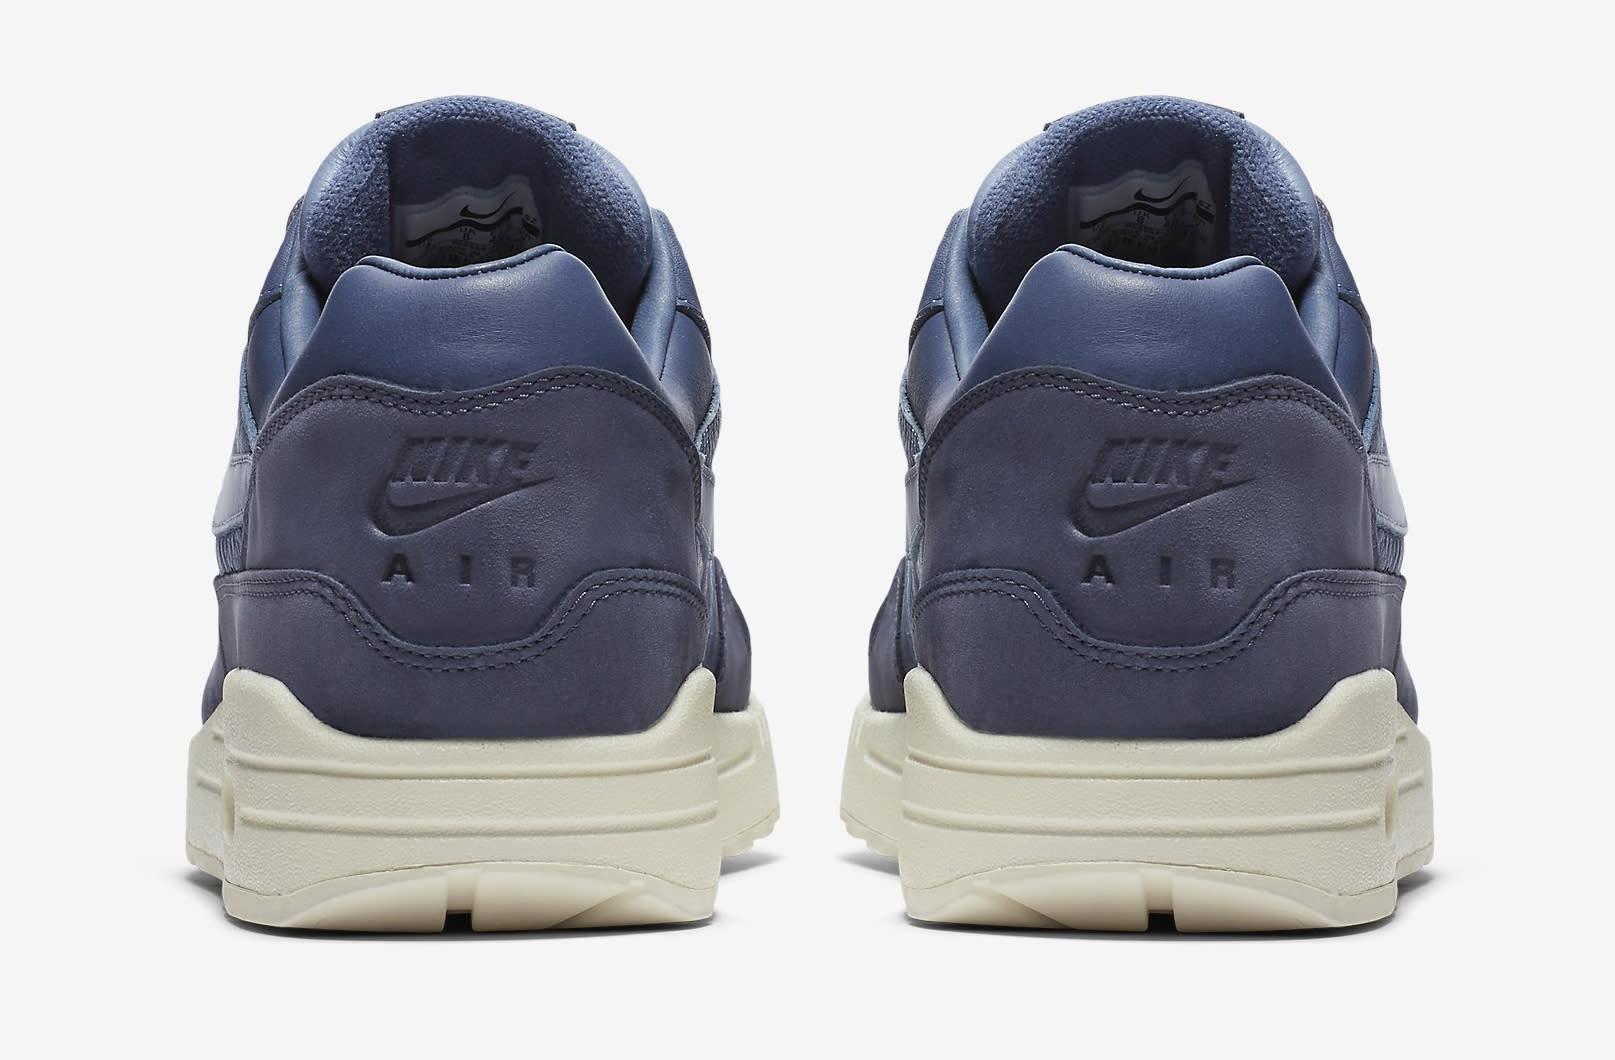 Nike Air Max 1 Pinnacle Leather Ocean Fog Blue Sail 859554-400 Heel